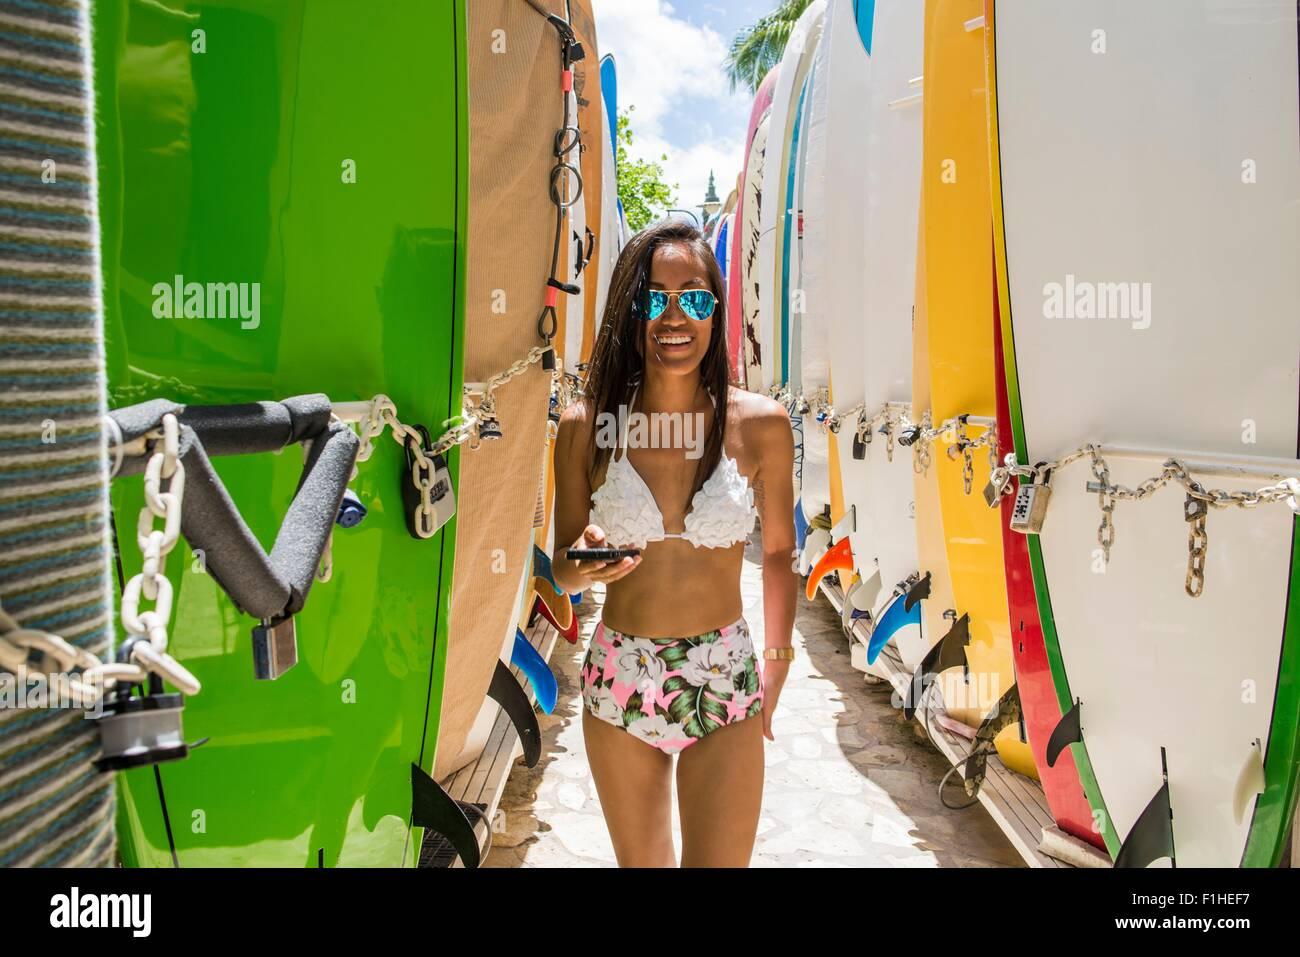 Portrait of young woman standing between surfboards wearing bikini , Waikiki beach, Oahu, Hawaii, USA - Stock Image